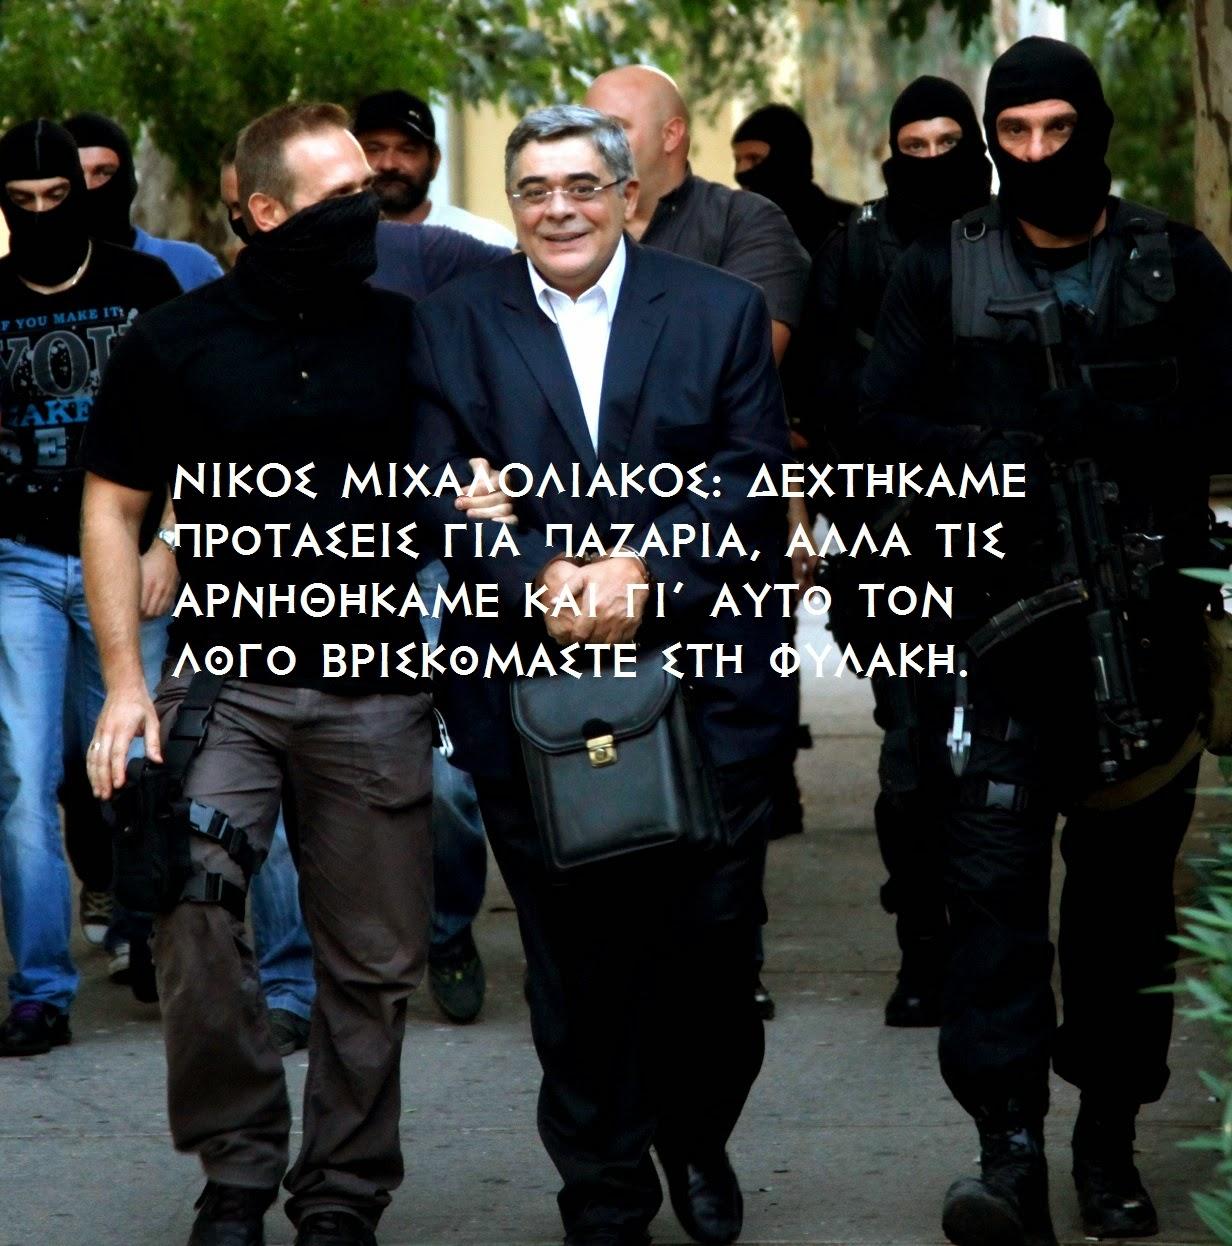 """Νικόλαος Γ. Μιχαλολιάκος στο """"Παρόν"""" της Κυριακής: Θα συνεχίσουμε να αγωνιζόμαστε για την Ελλάδα και τον εθνικισμό!"""